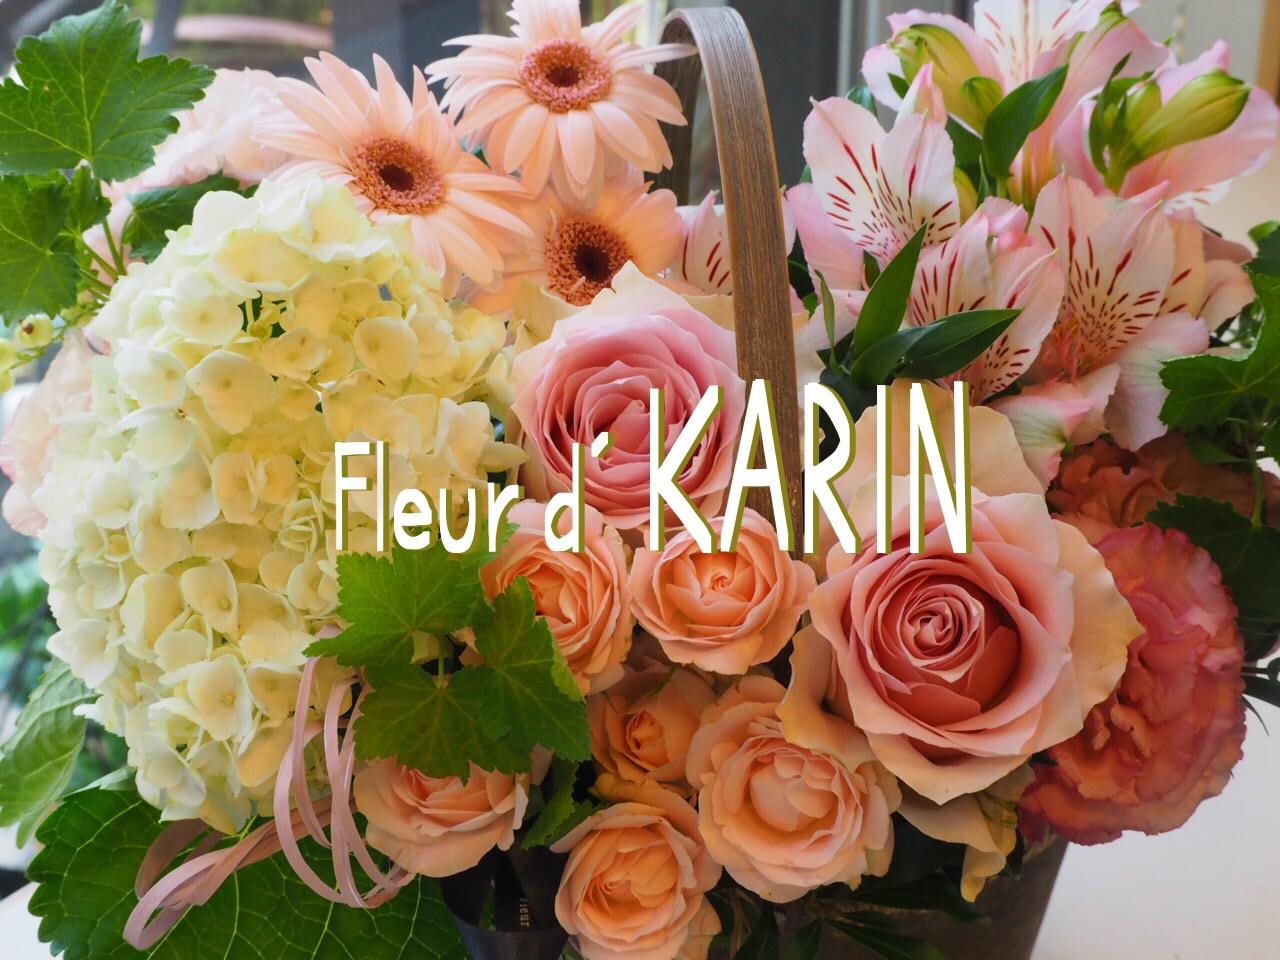 Fleur d ′ KARIN